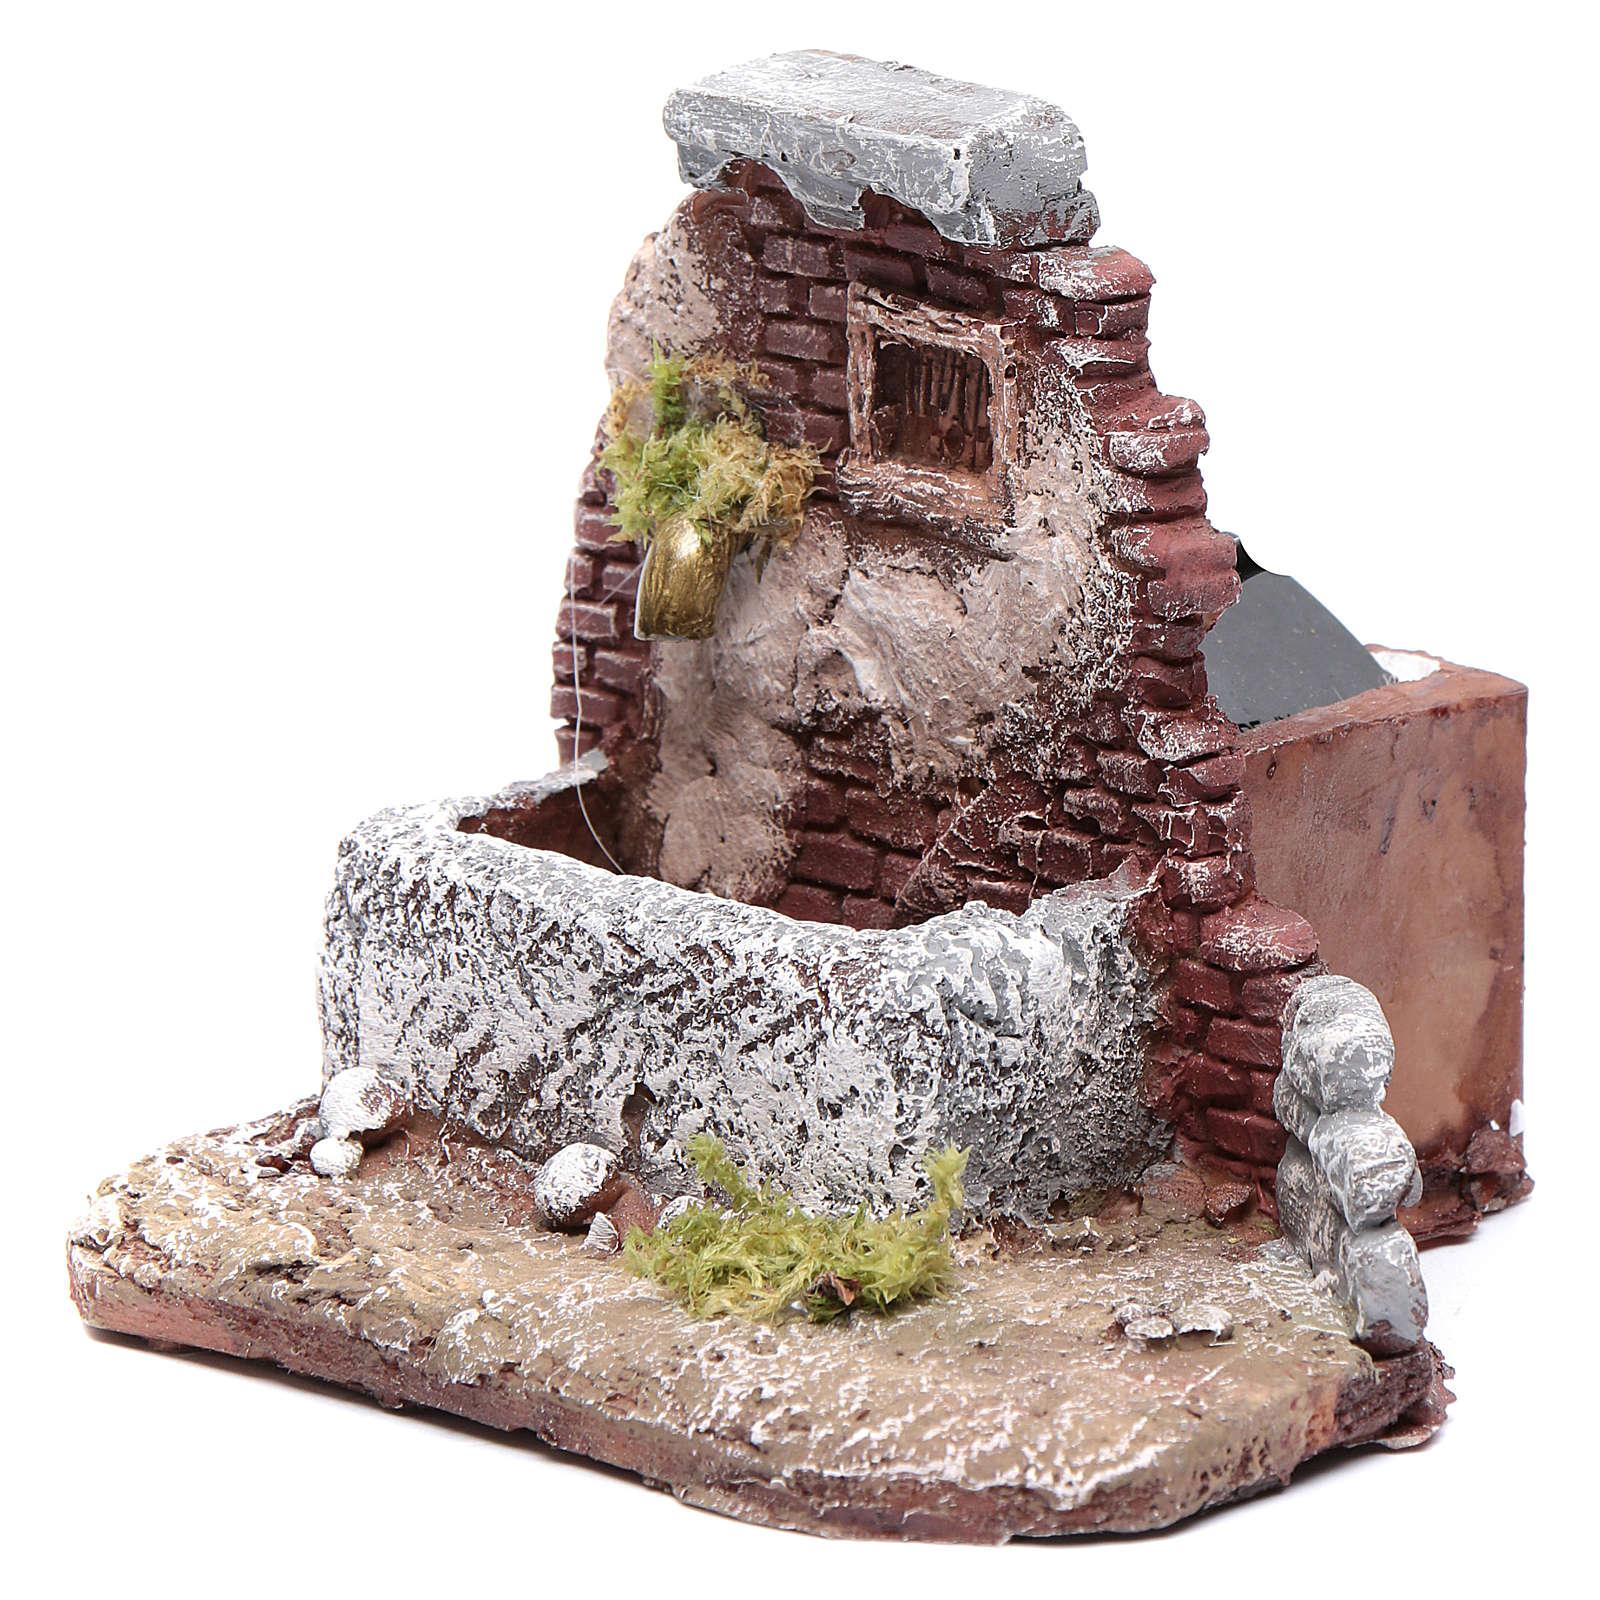 Fontaine crèche de Naples en résine 11x12x11,7 cm avec pompe 4